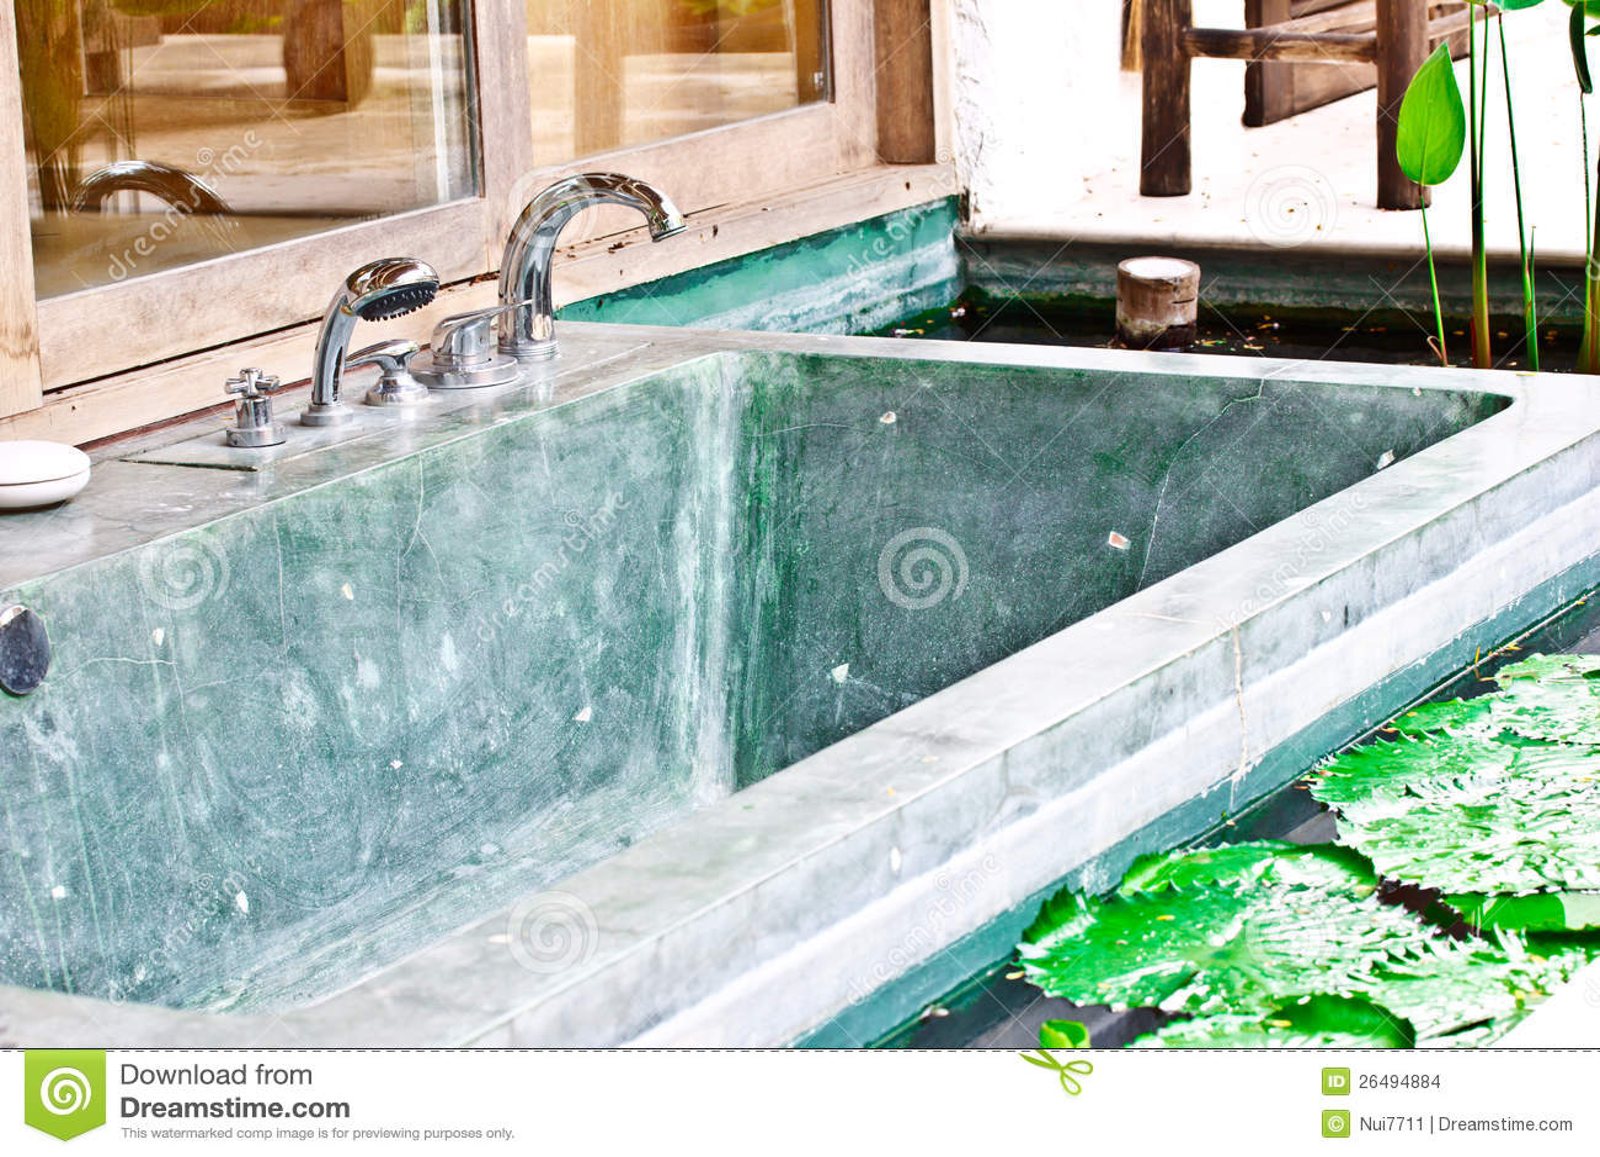 Vasche Da Bagno Economiche Prezzi : Vasca da bagno esterna della jacuzzi in giardino fotografia